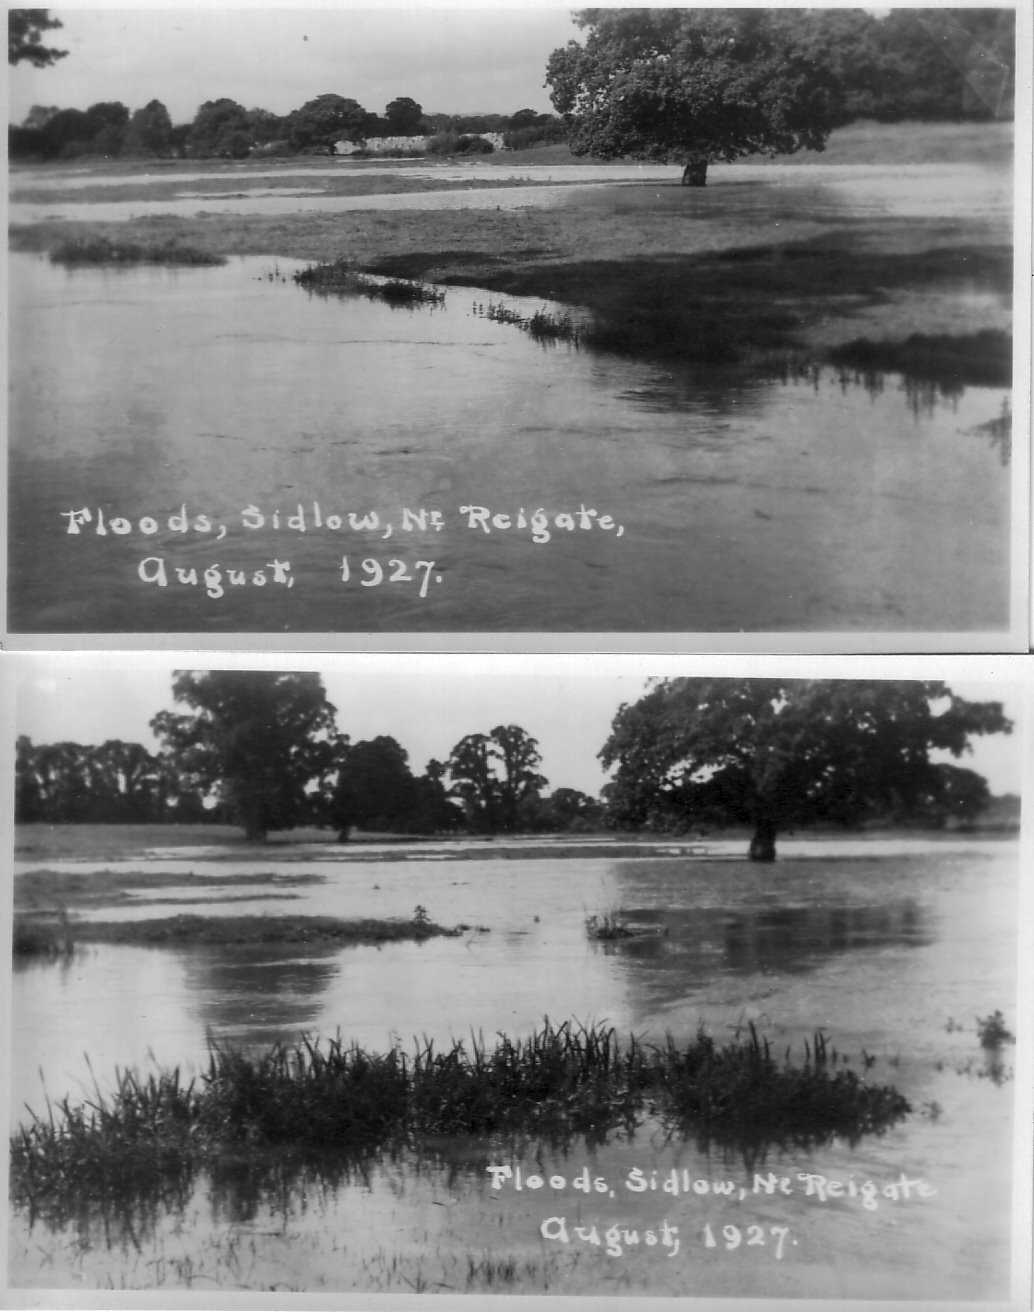 sidlow 1927